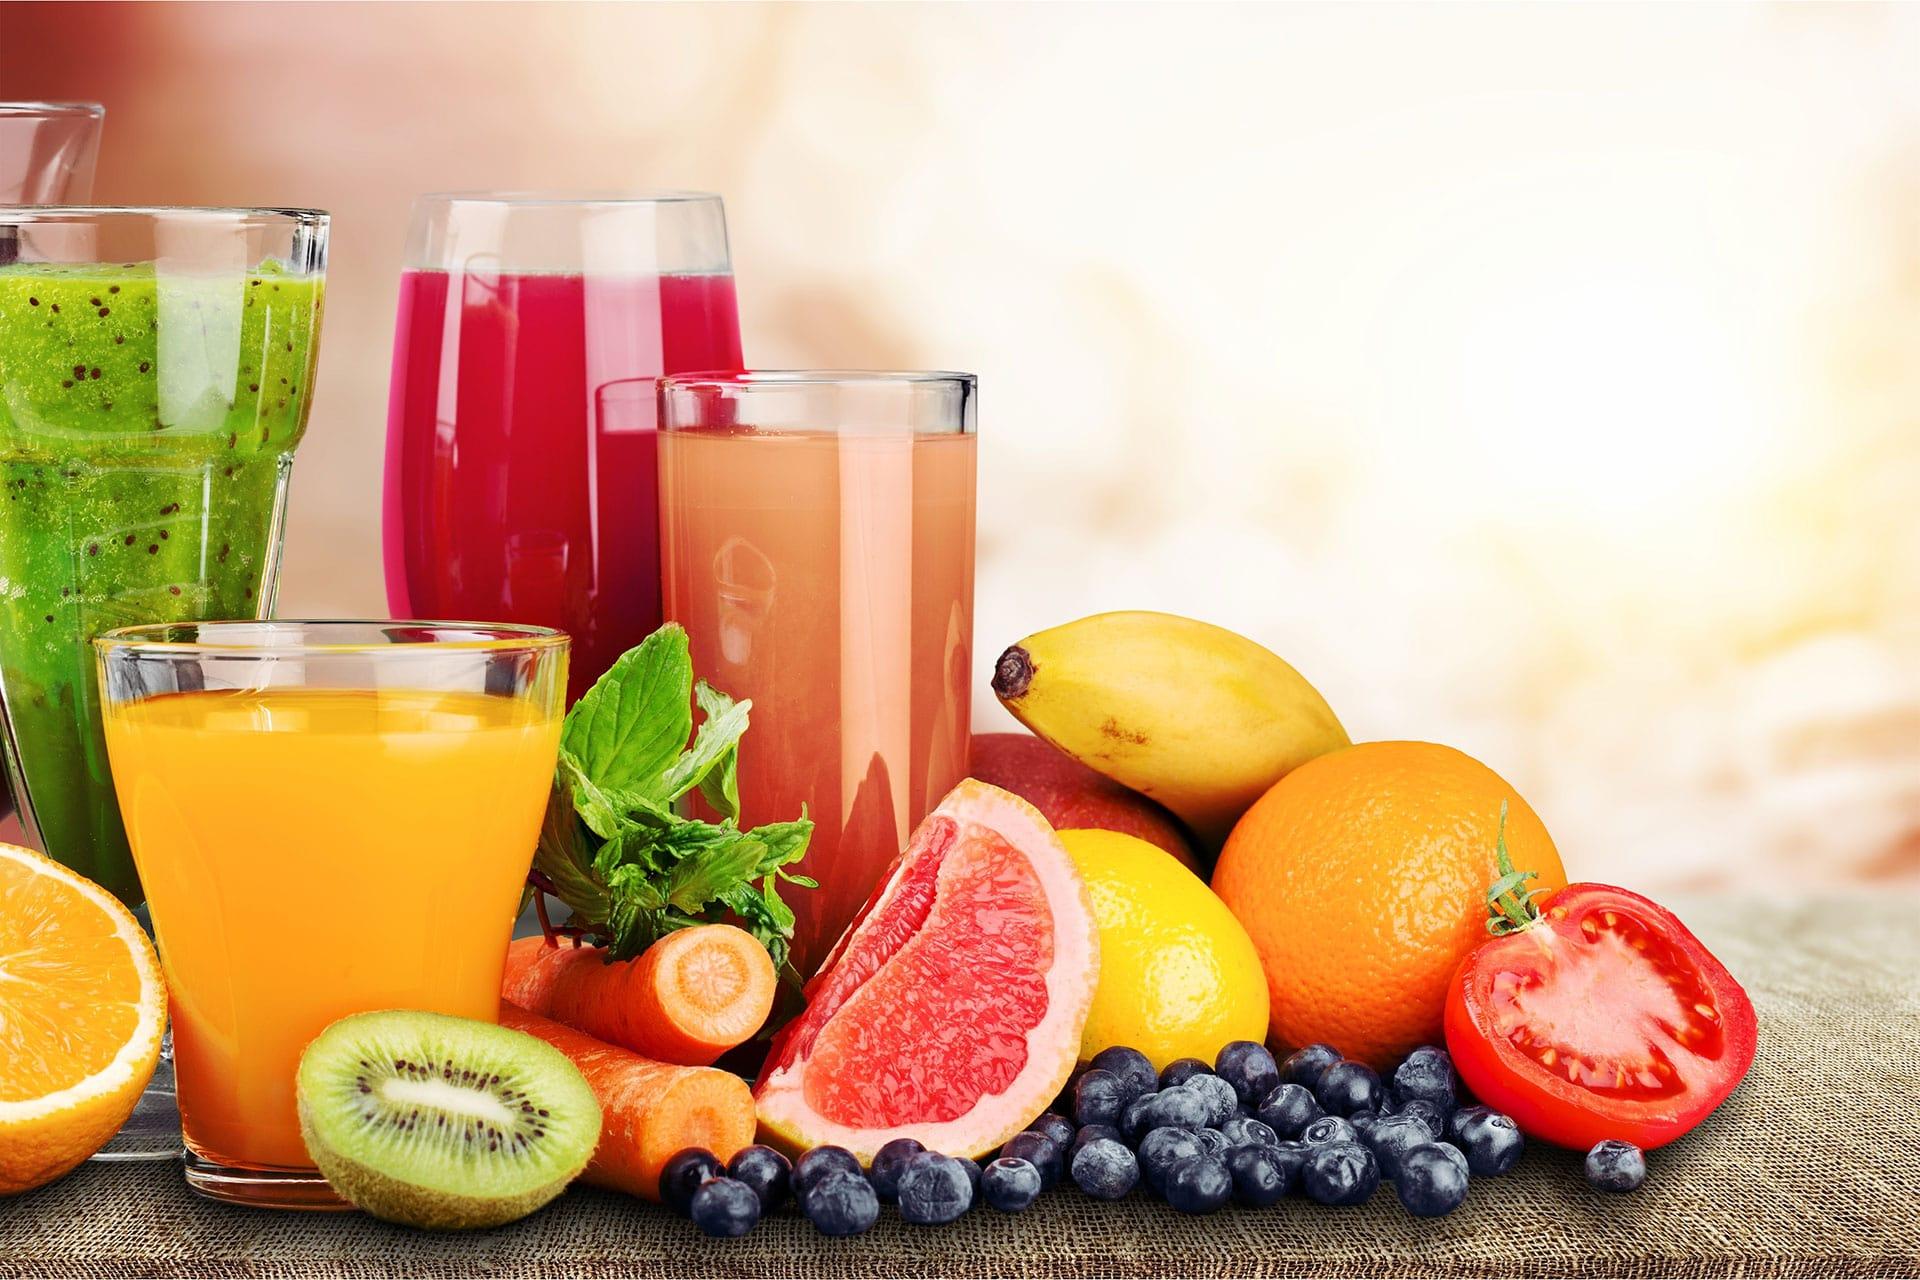 Jaki cukier jest w owocach?